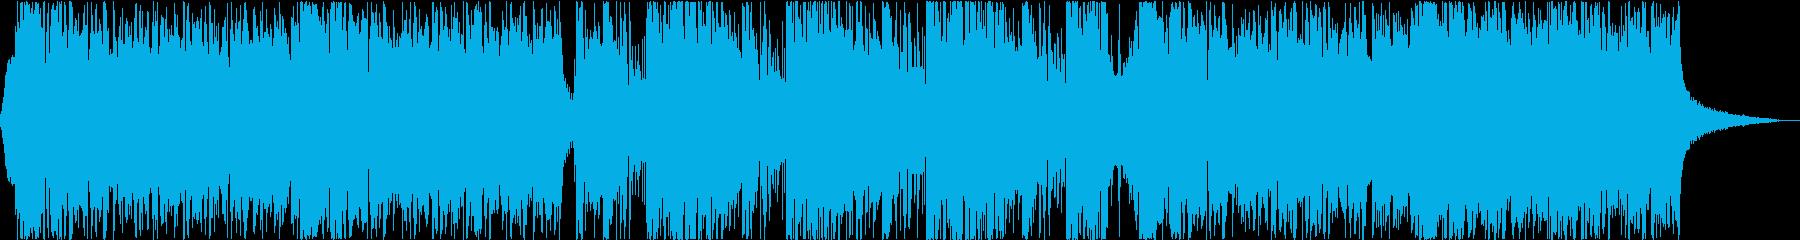 スタイリッシュ、モダン、エレクトロニックの再生済みの波形